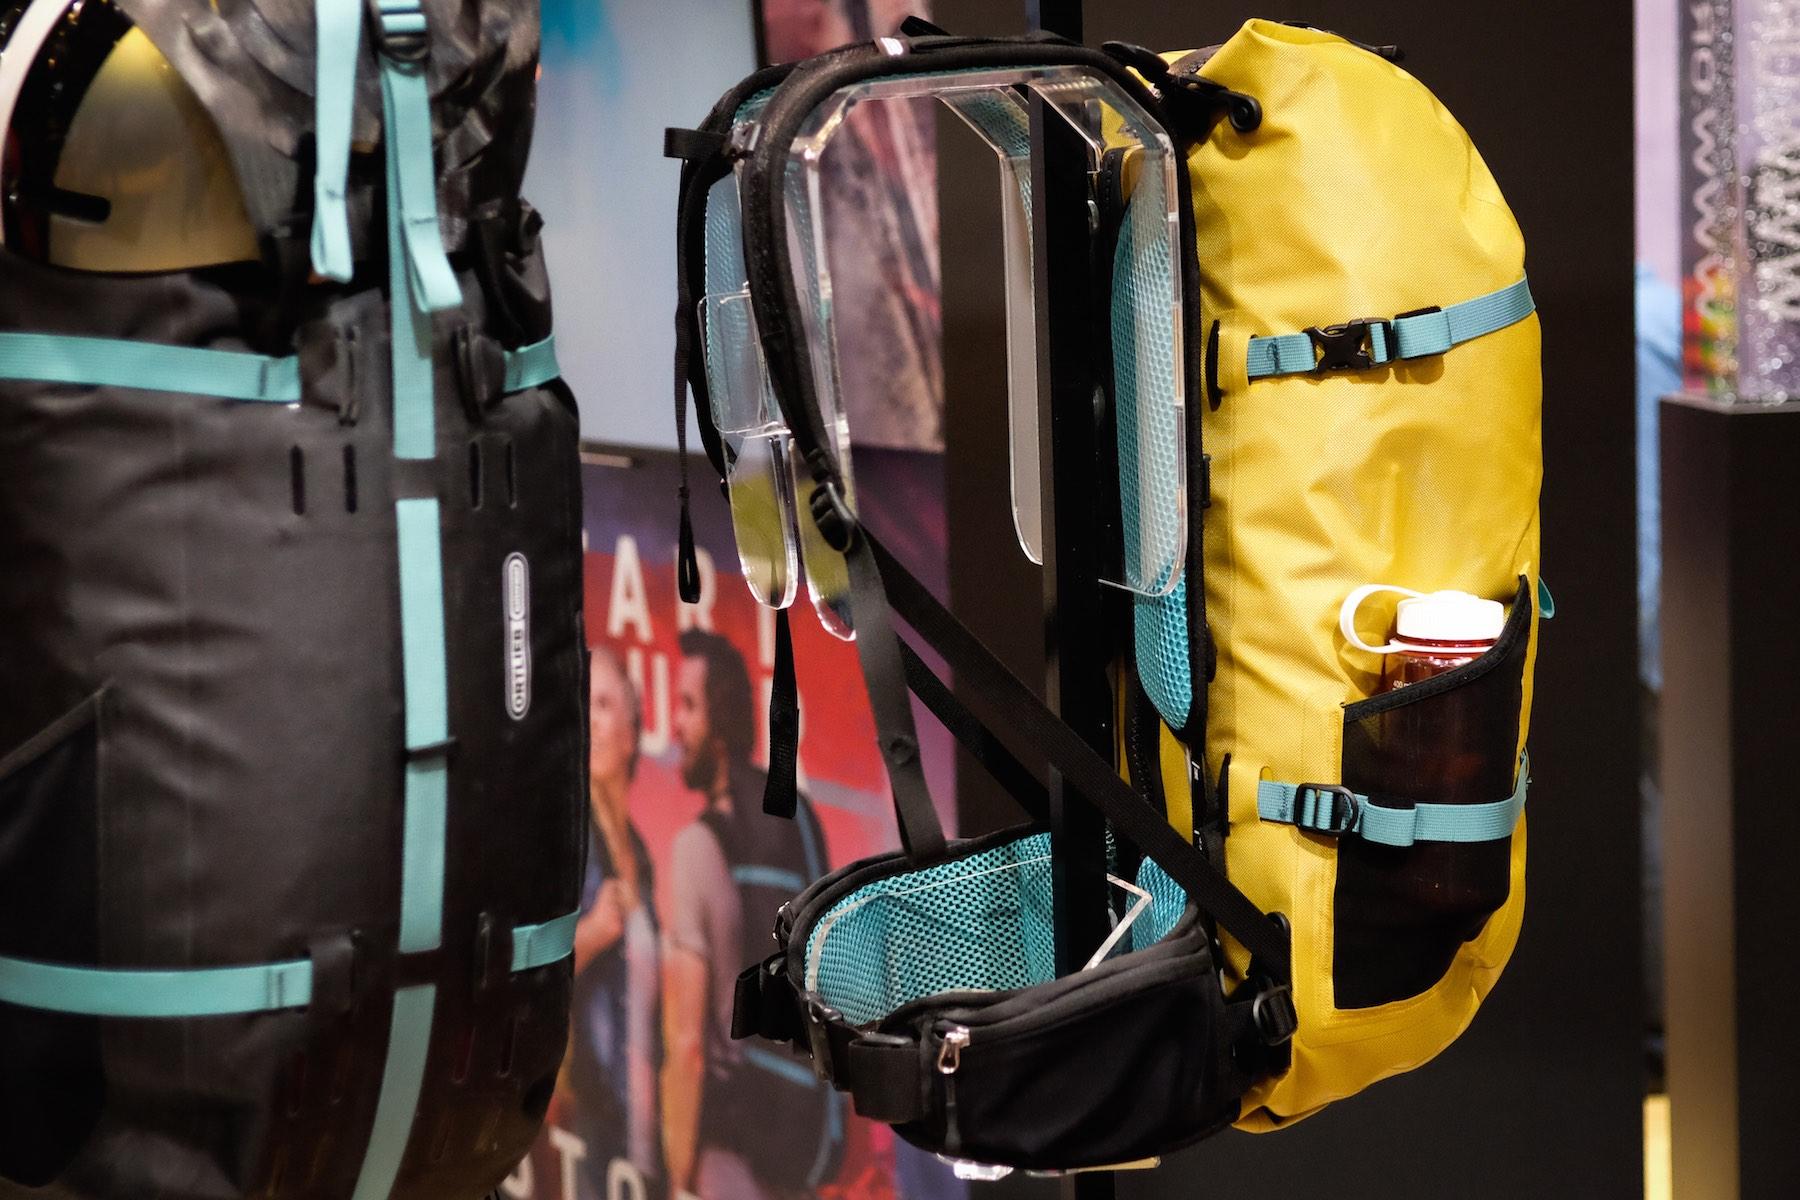 negozio online 0ad6f 2a646 Nuovo zaino Ortlieb Atrack: impermeabilità, stile e capienza ...